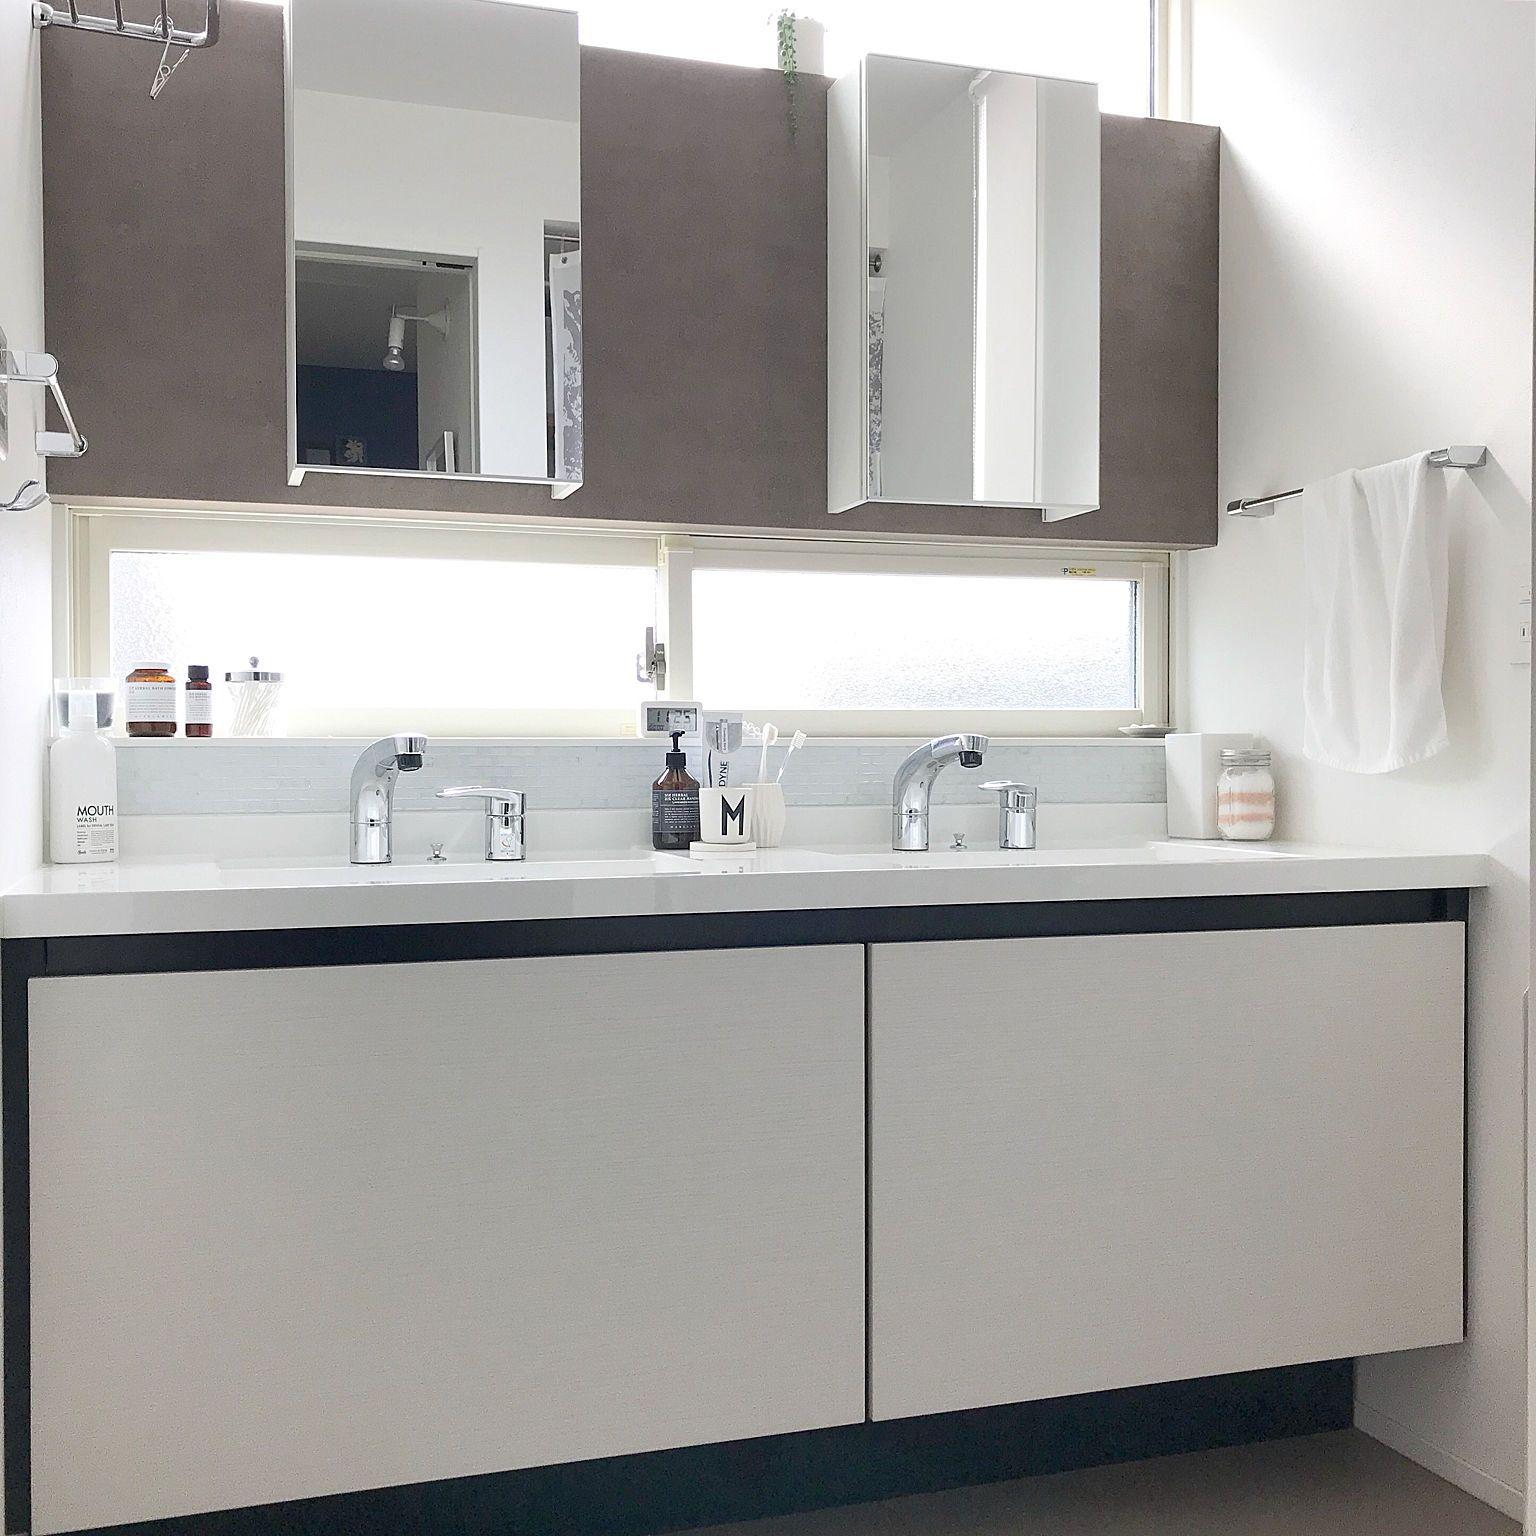 バス トイレ ルミシス リクシルの洗面台 Lixil リクシルのインテリア